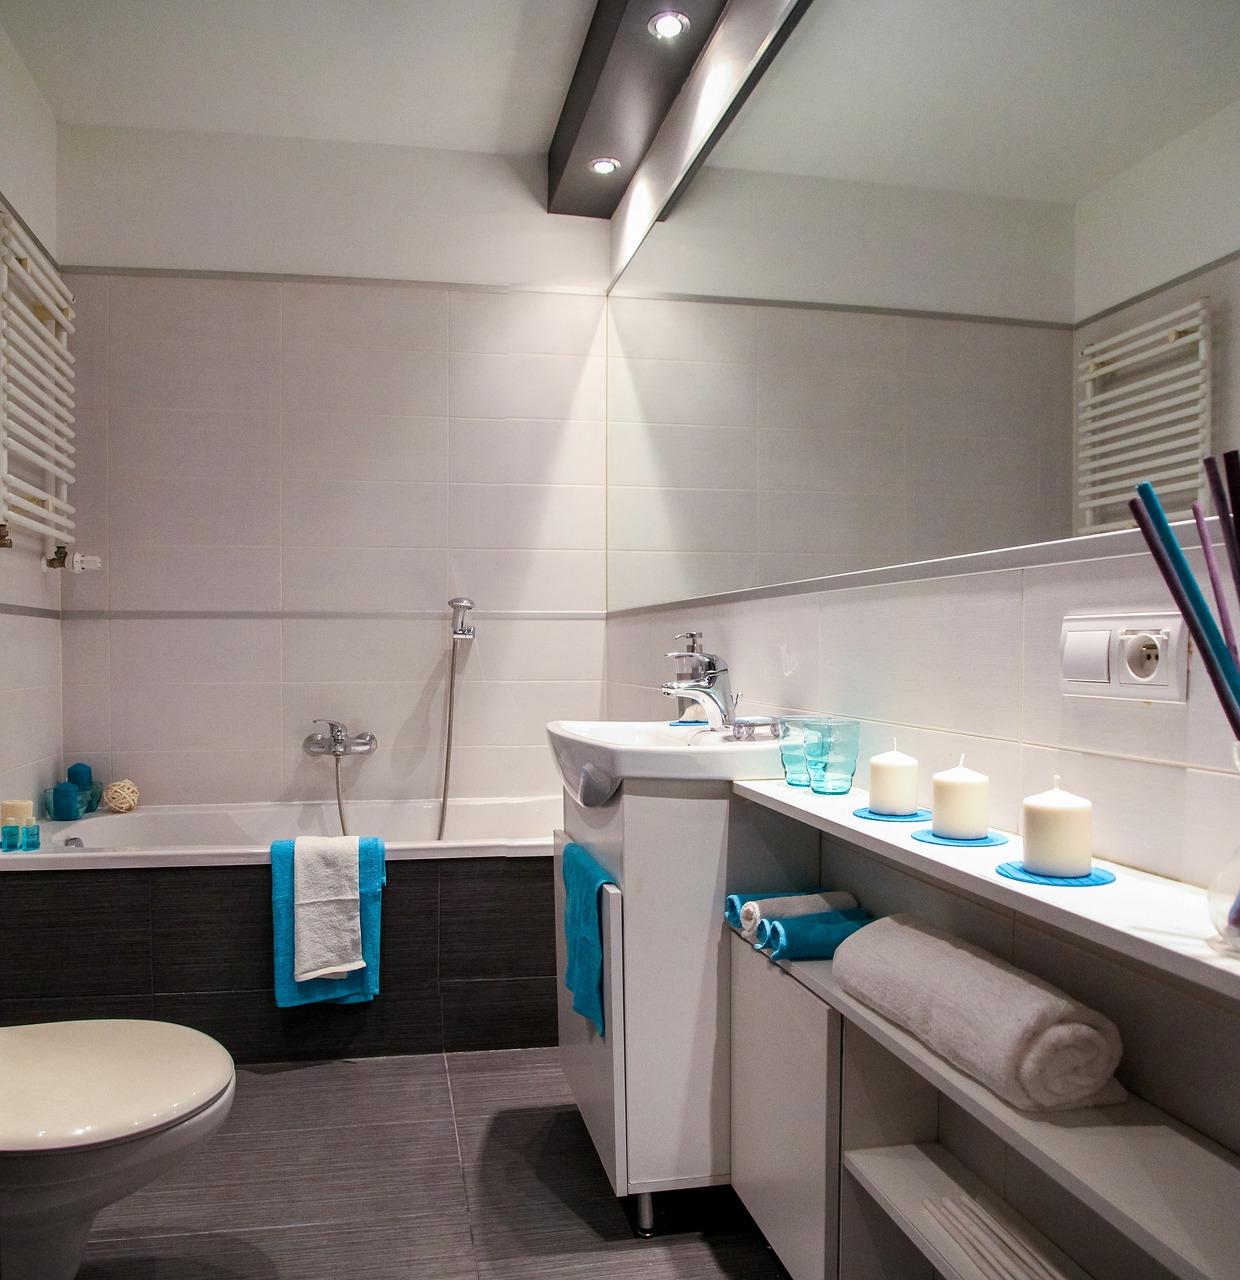 Inspiration déco : focus sur la salle de bain style scandinave